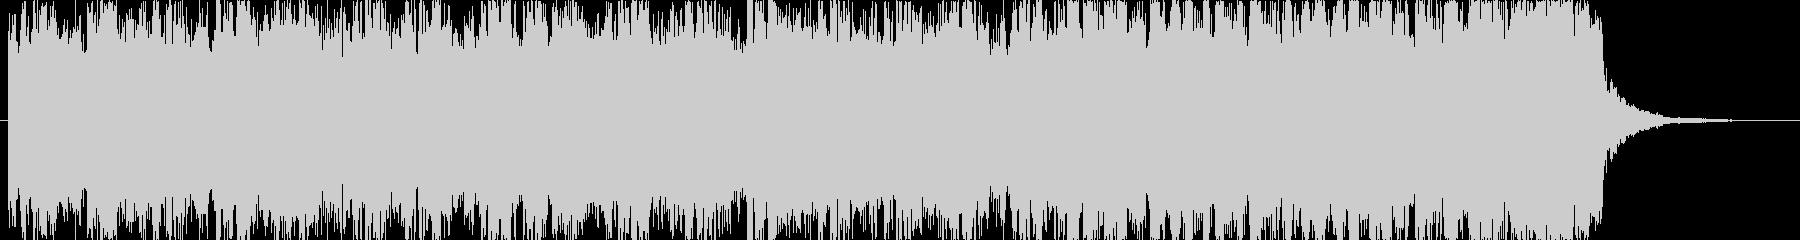 爽やかエレクトロ_cの未再生の波形